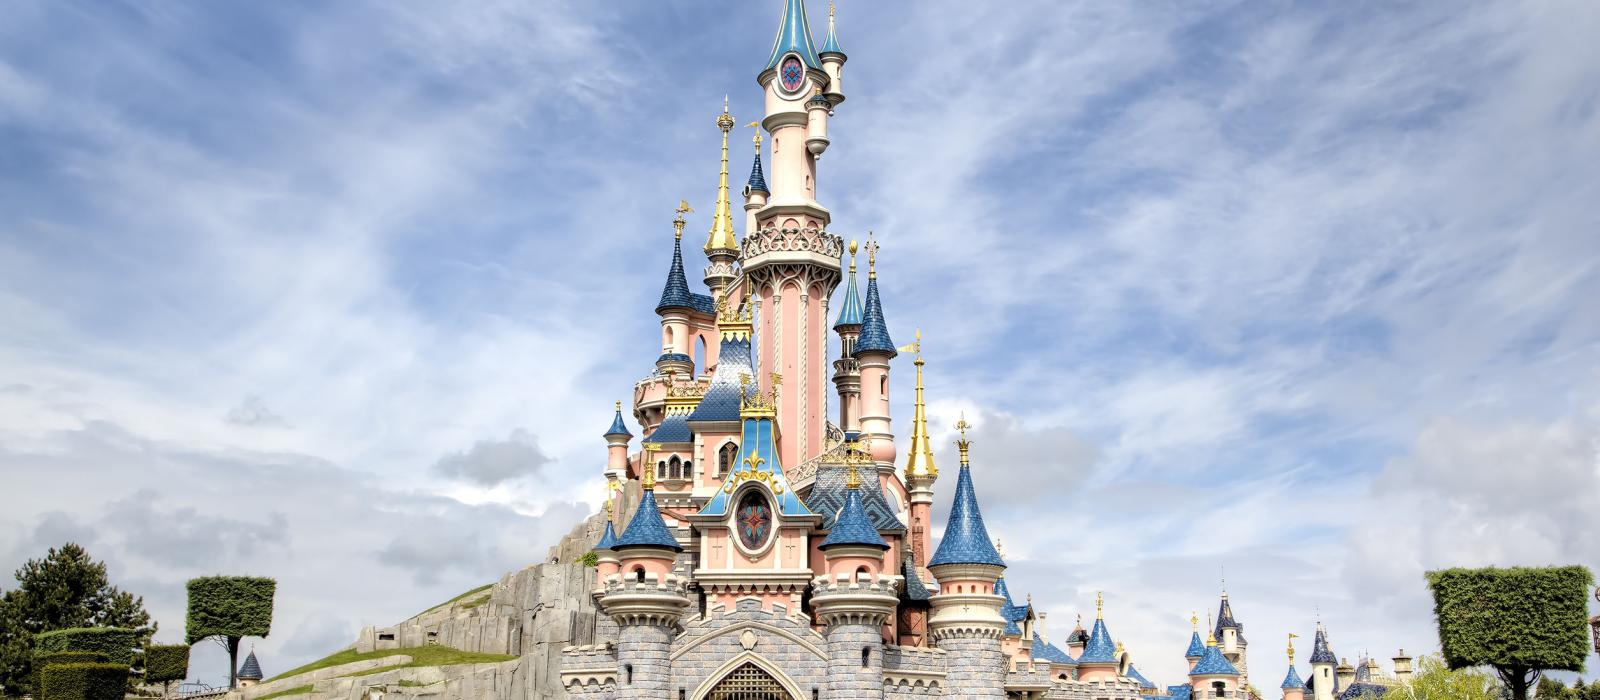 Les attractions emblématiques de Disneyland Paris